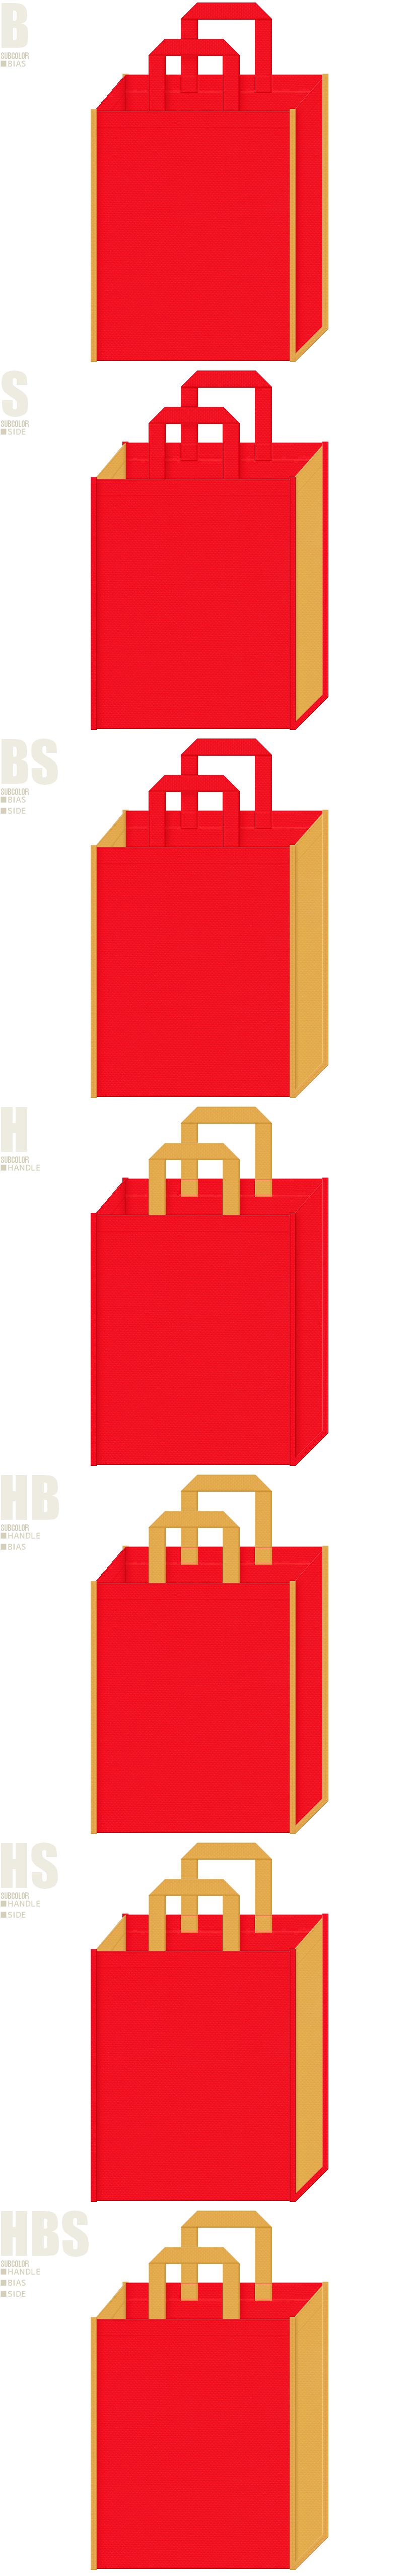 赤鬼・むかし話・絵本・節分・豆まき・和風催事にお奨めの不織布バッグデザイン:赤色と黄土色の配色7パターン